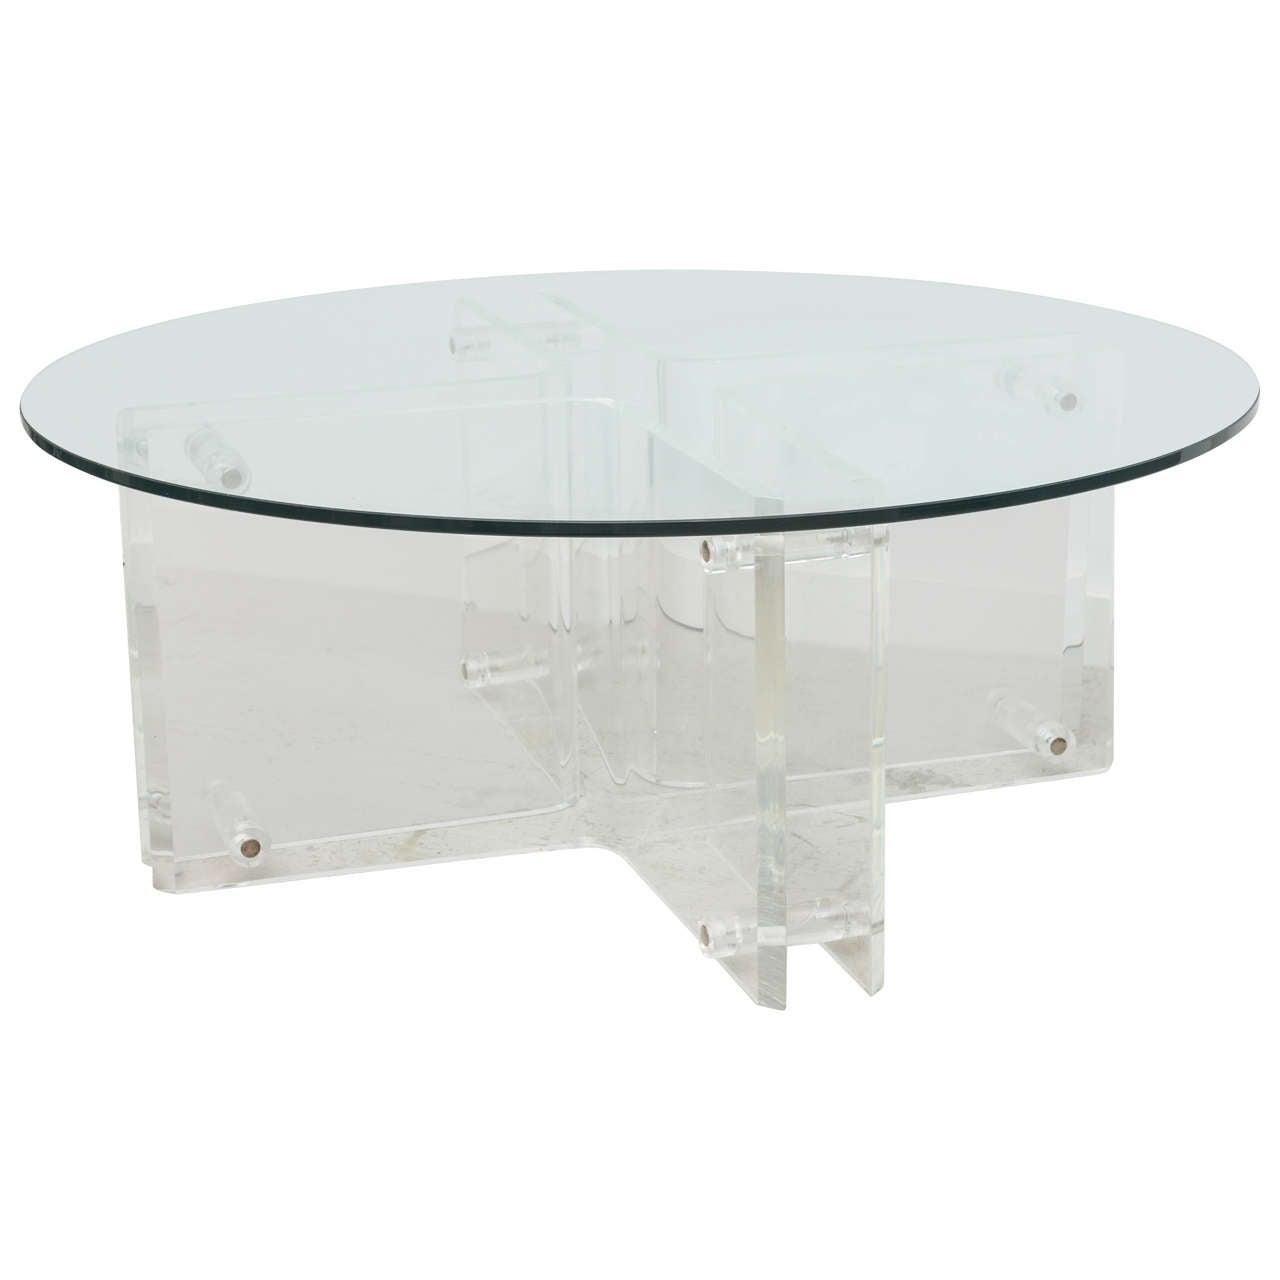 Vintage lucite coffee table at 1stdibs vintage lucite coffee table 1 geotapseo Choice Image